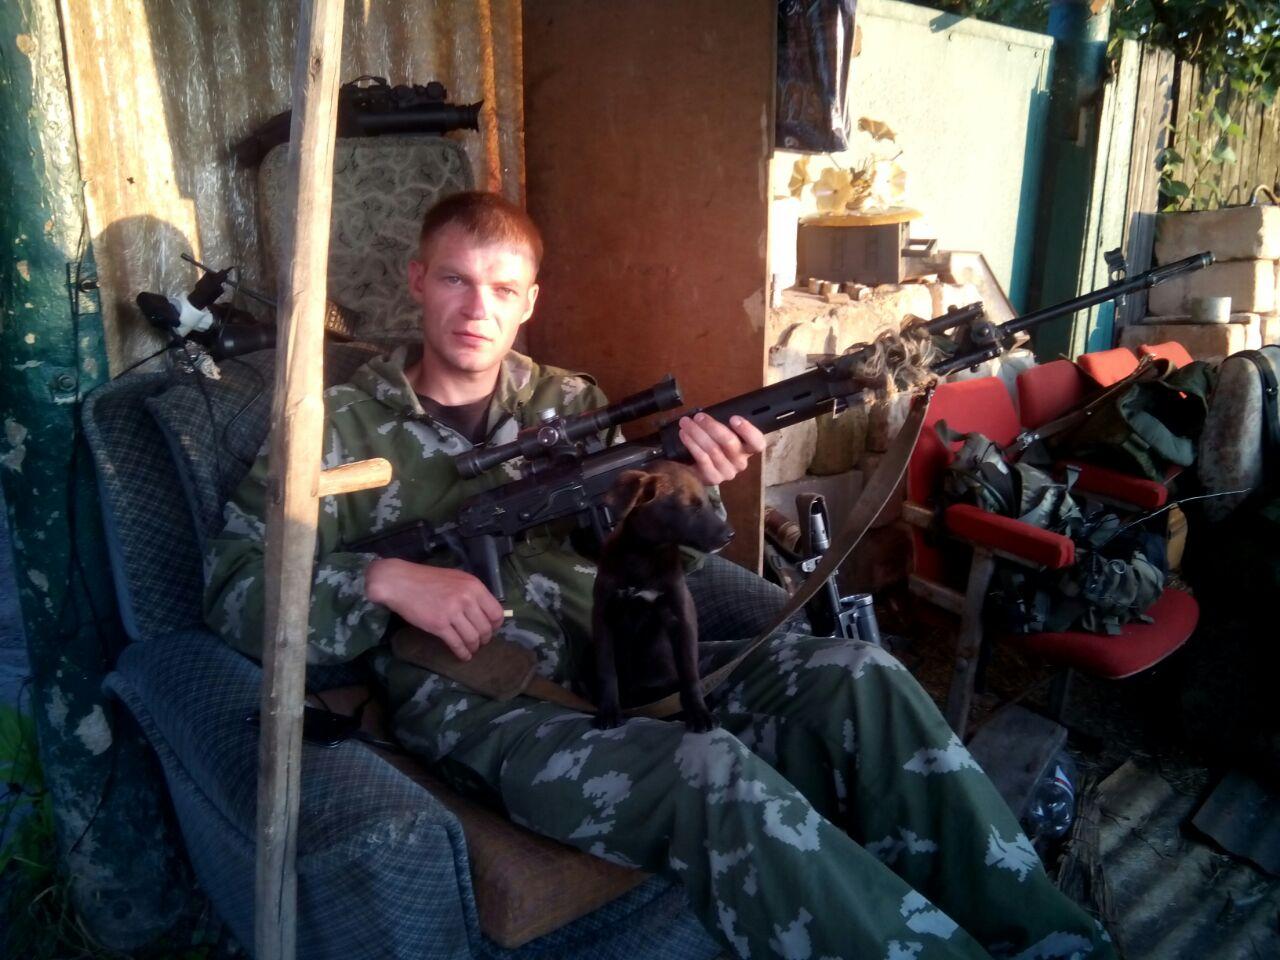 Российские пограничники отказались отдавать родственникам ликвидированного в районе Бахмутской трассы снайпера, - ГУР МО - Цензор.НЕТ 2463